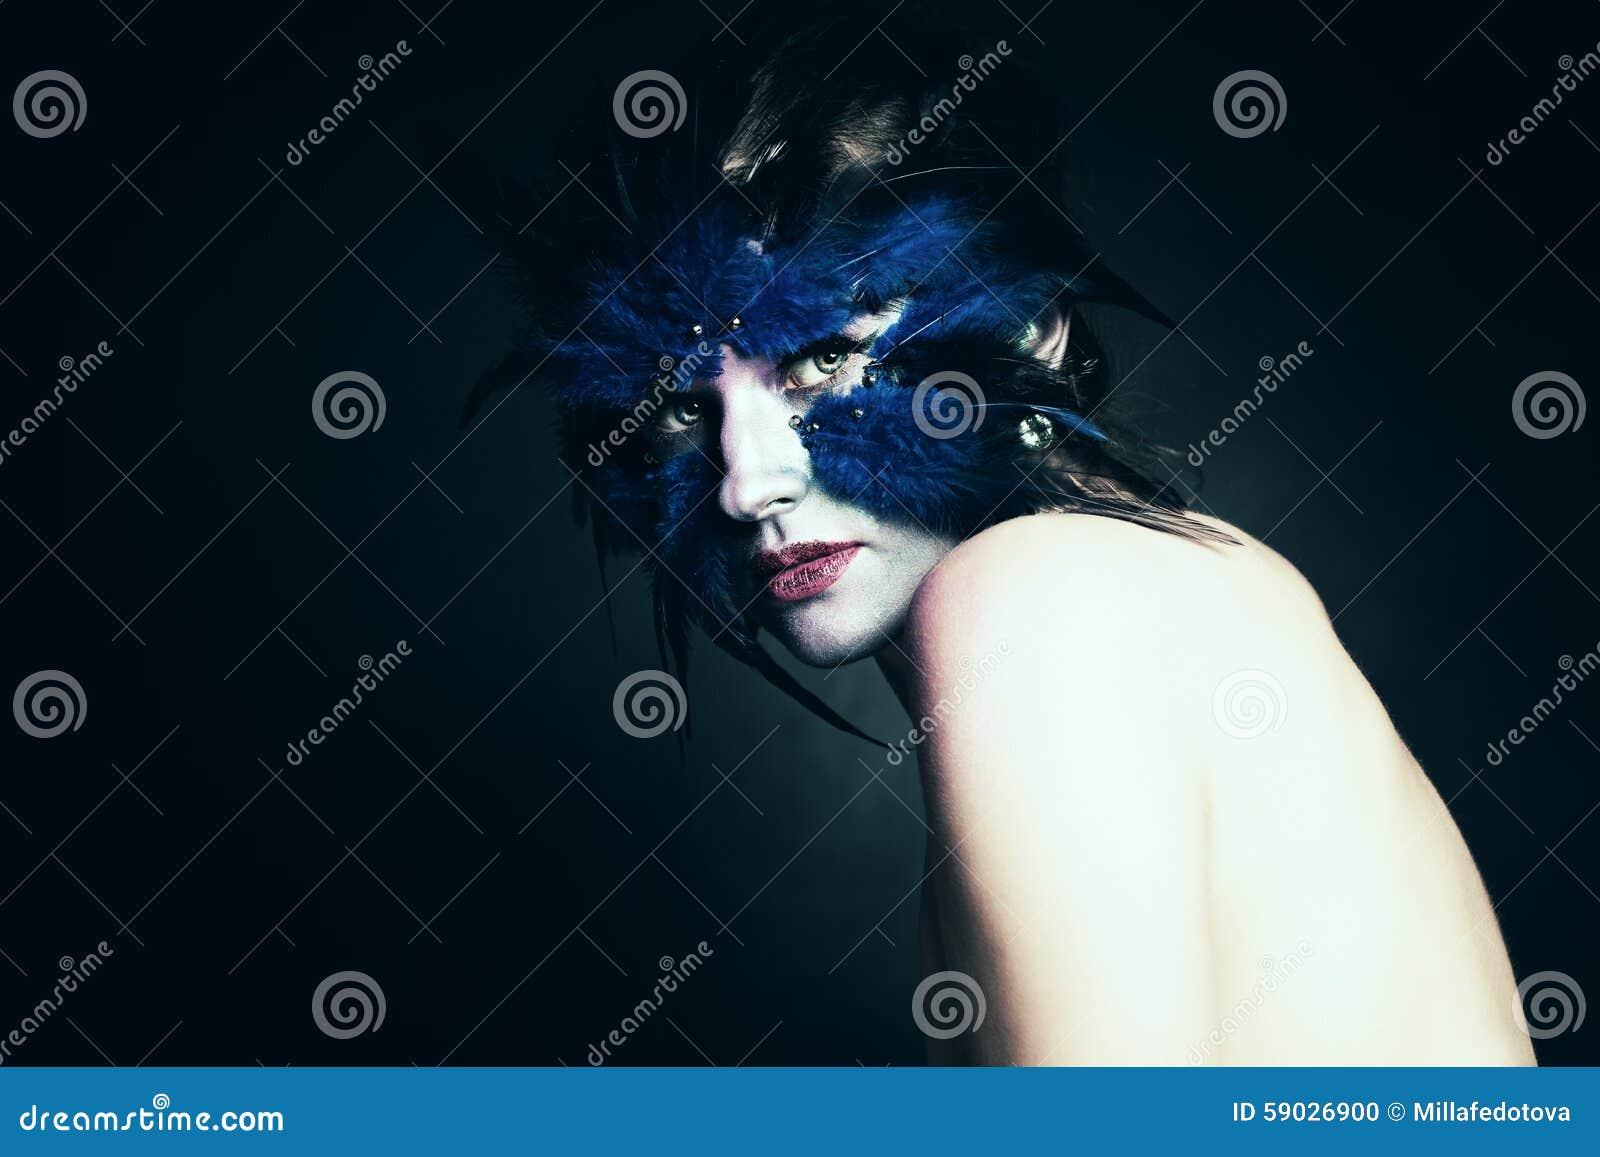 Fantasy concept. Woman with Art Makeup. Fantasy Blue Bird